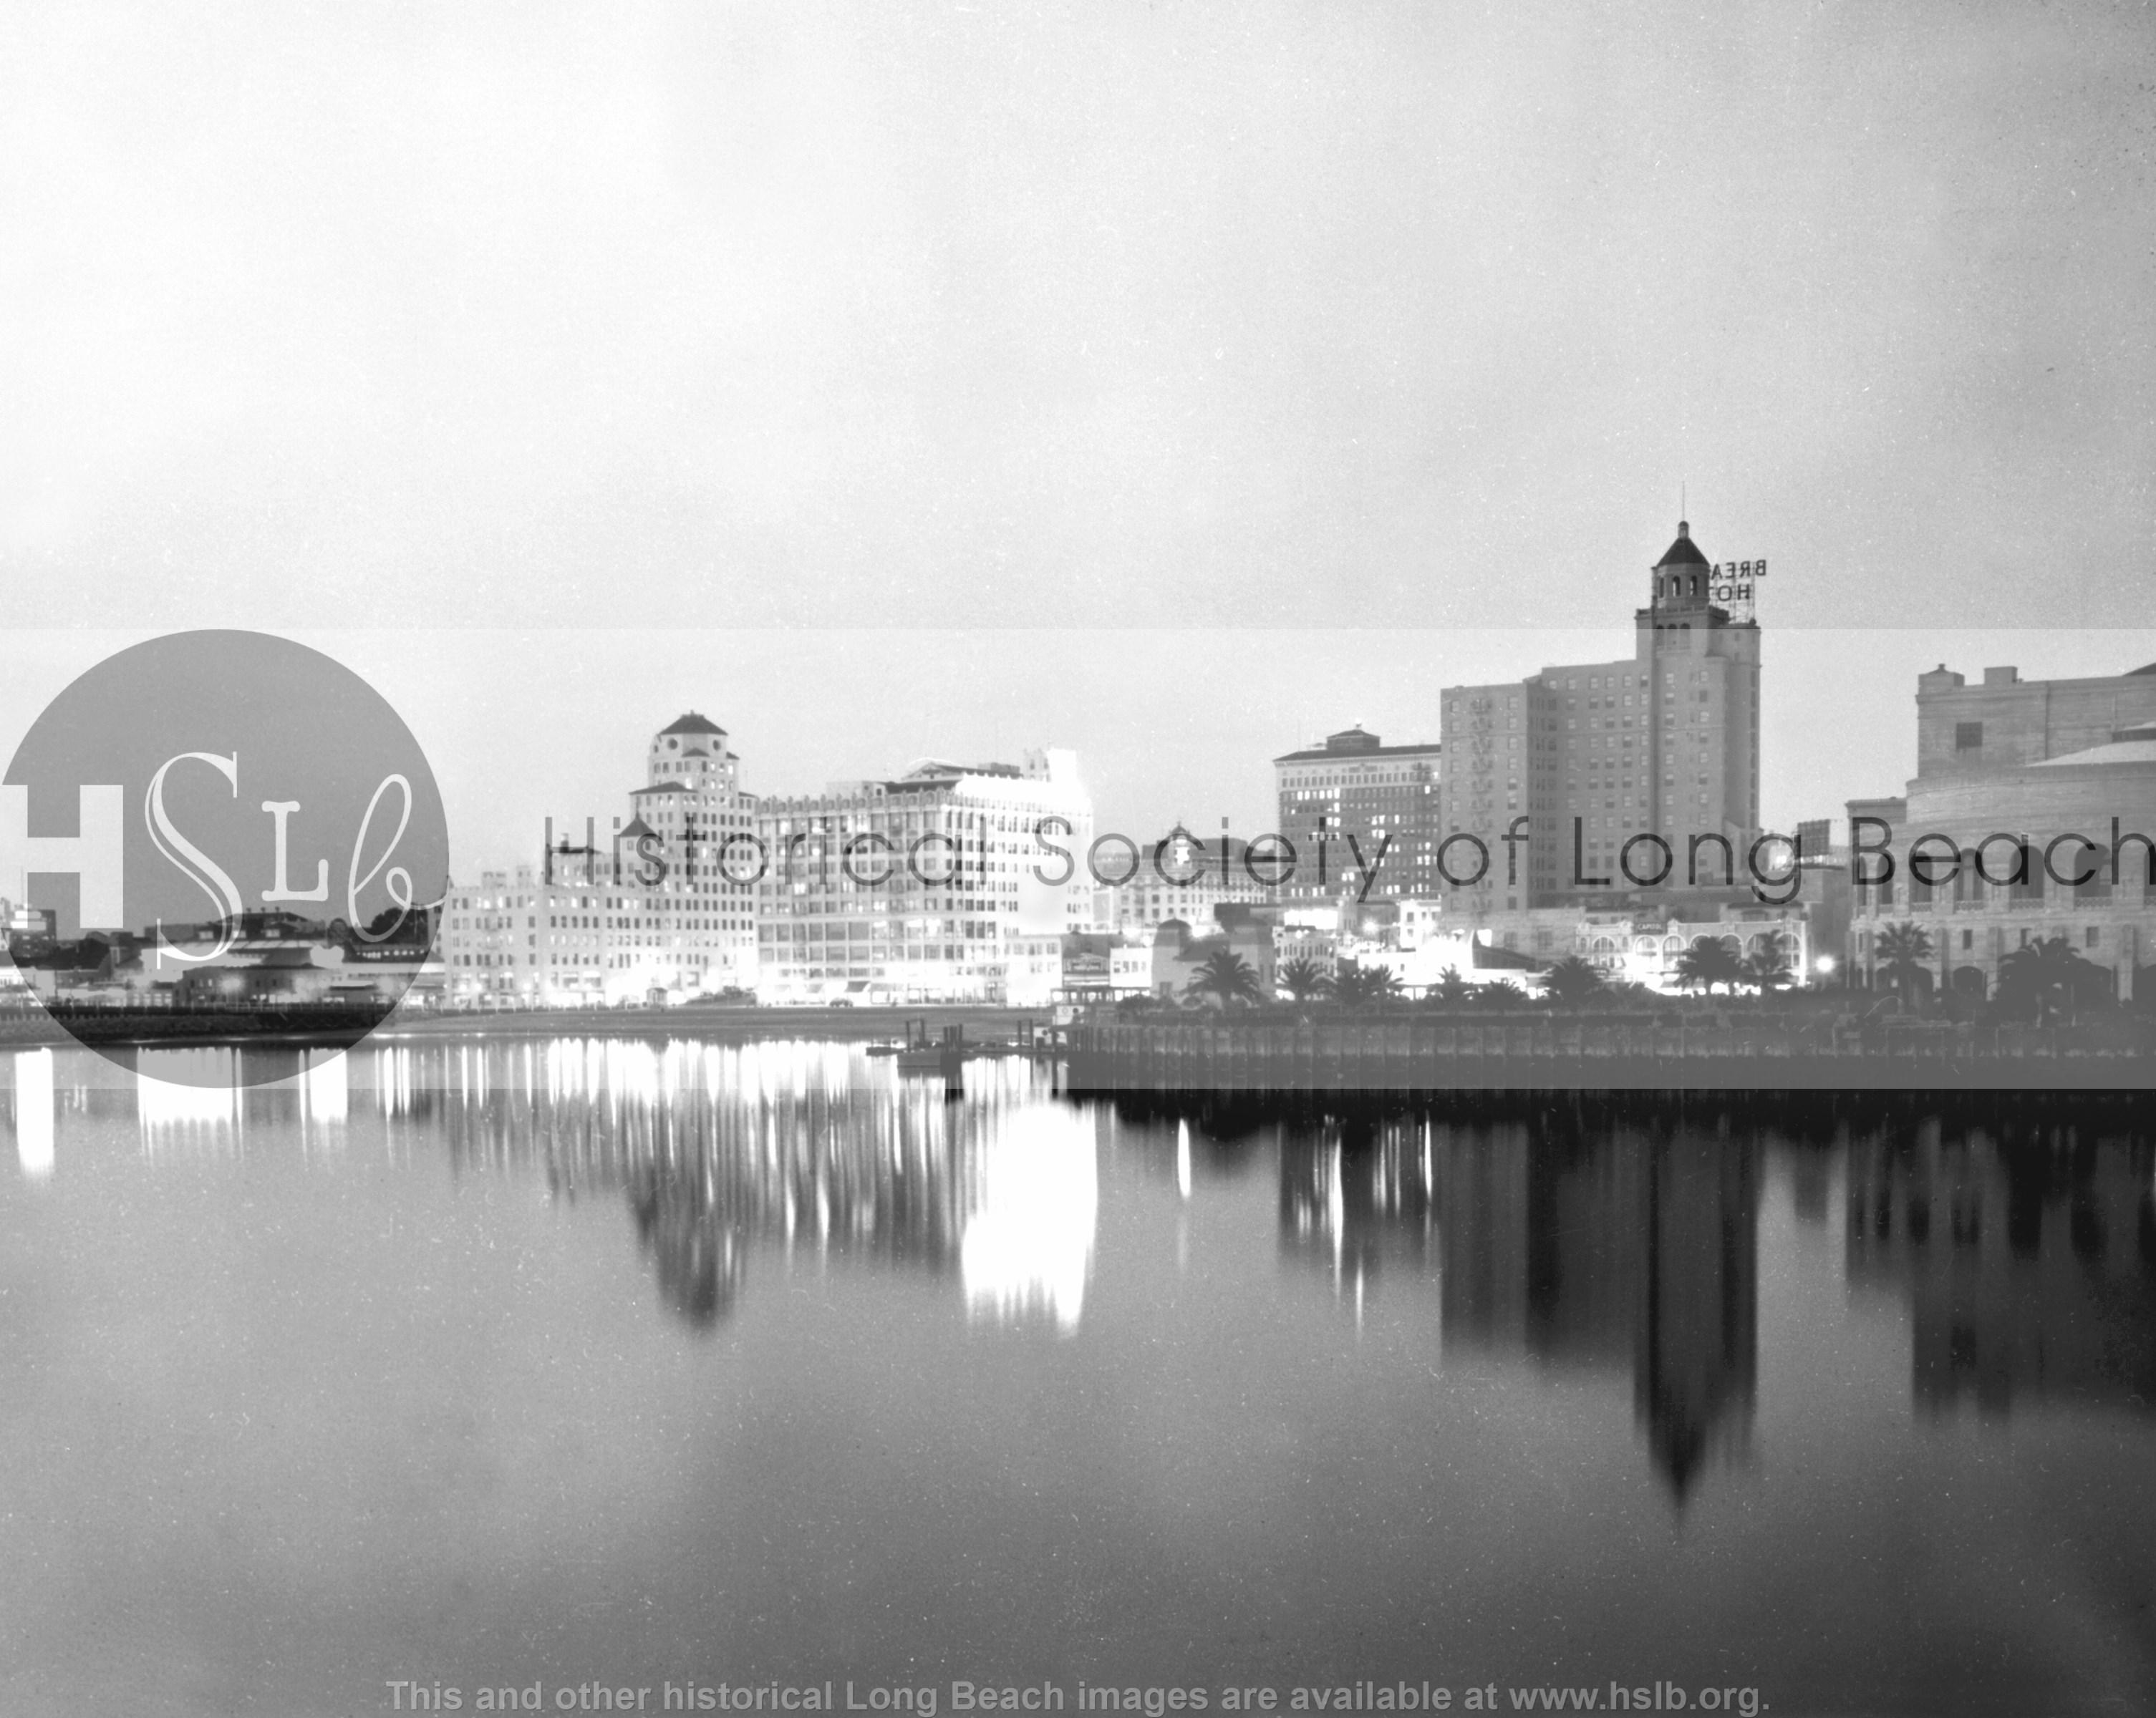 Skyline, 1935 Historical photograph